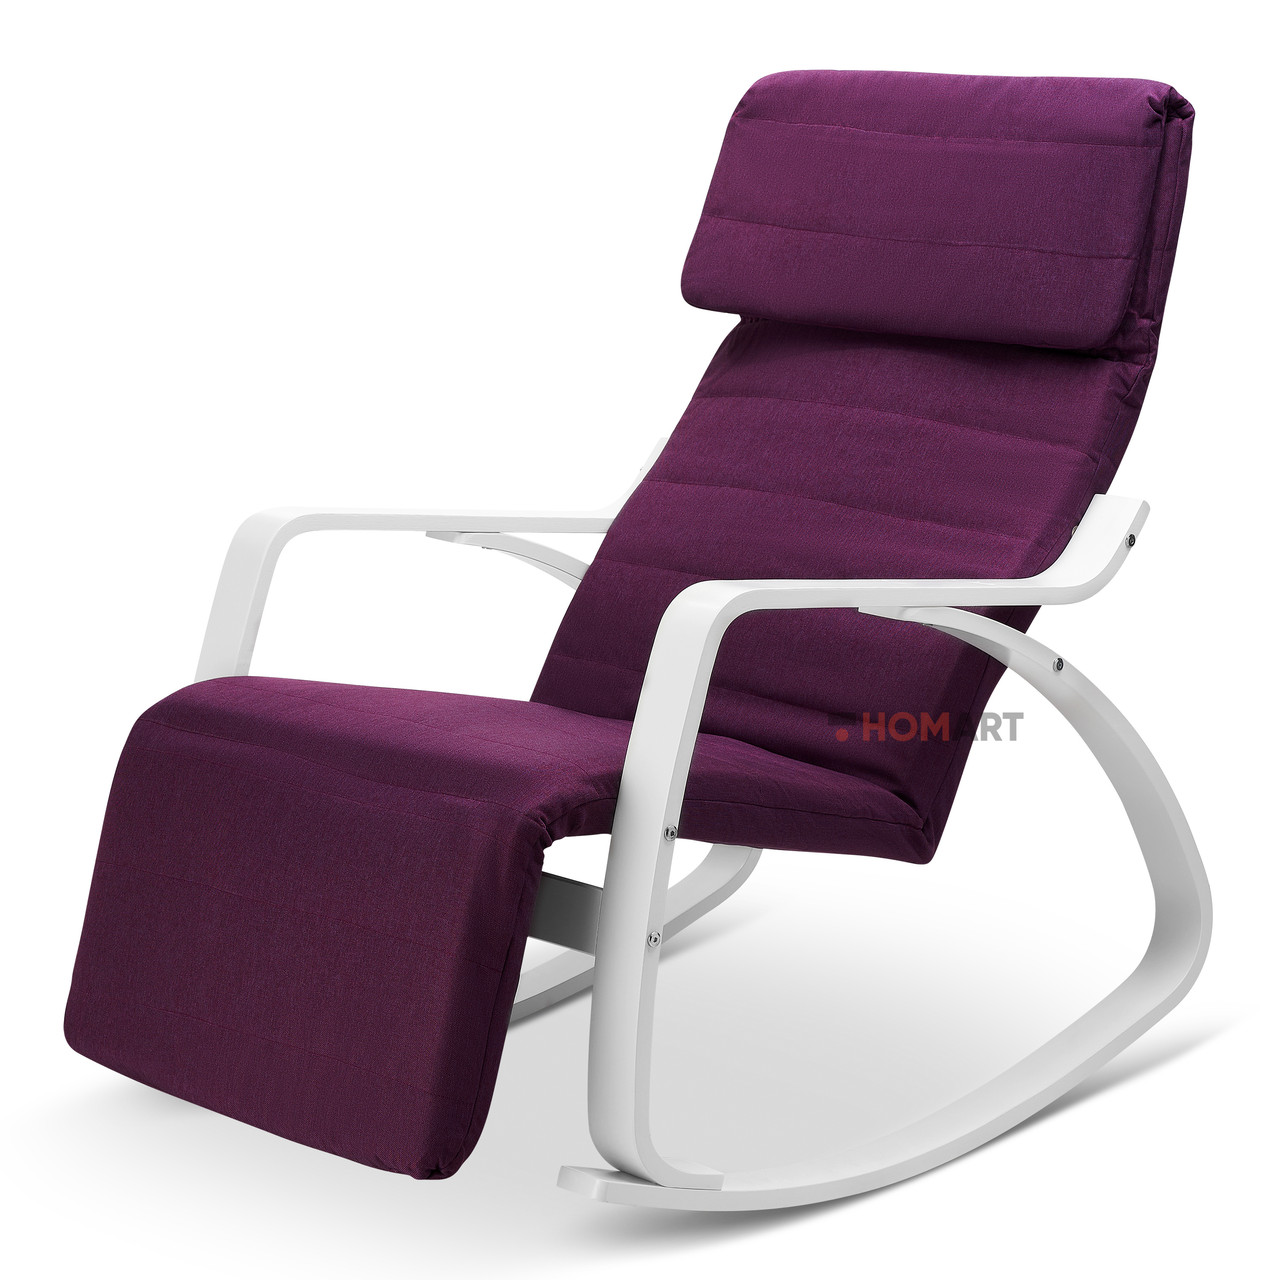 Кресло-качалка Homart HMRC-030 (9310)